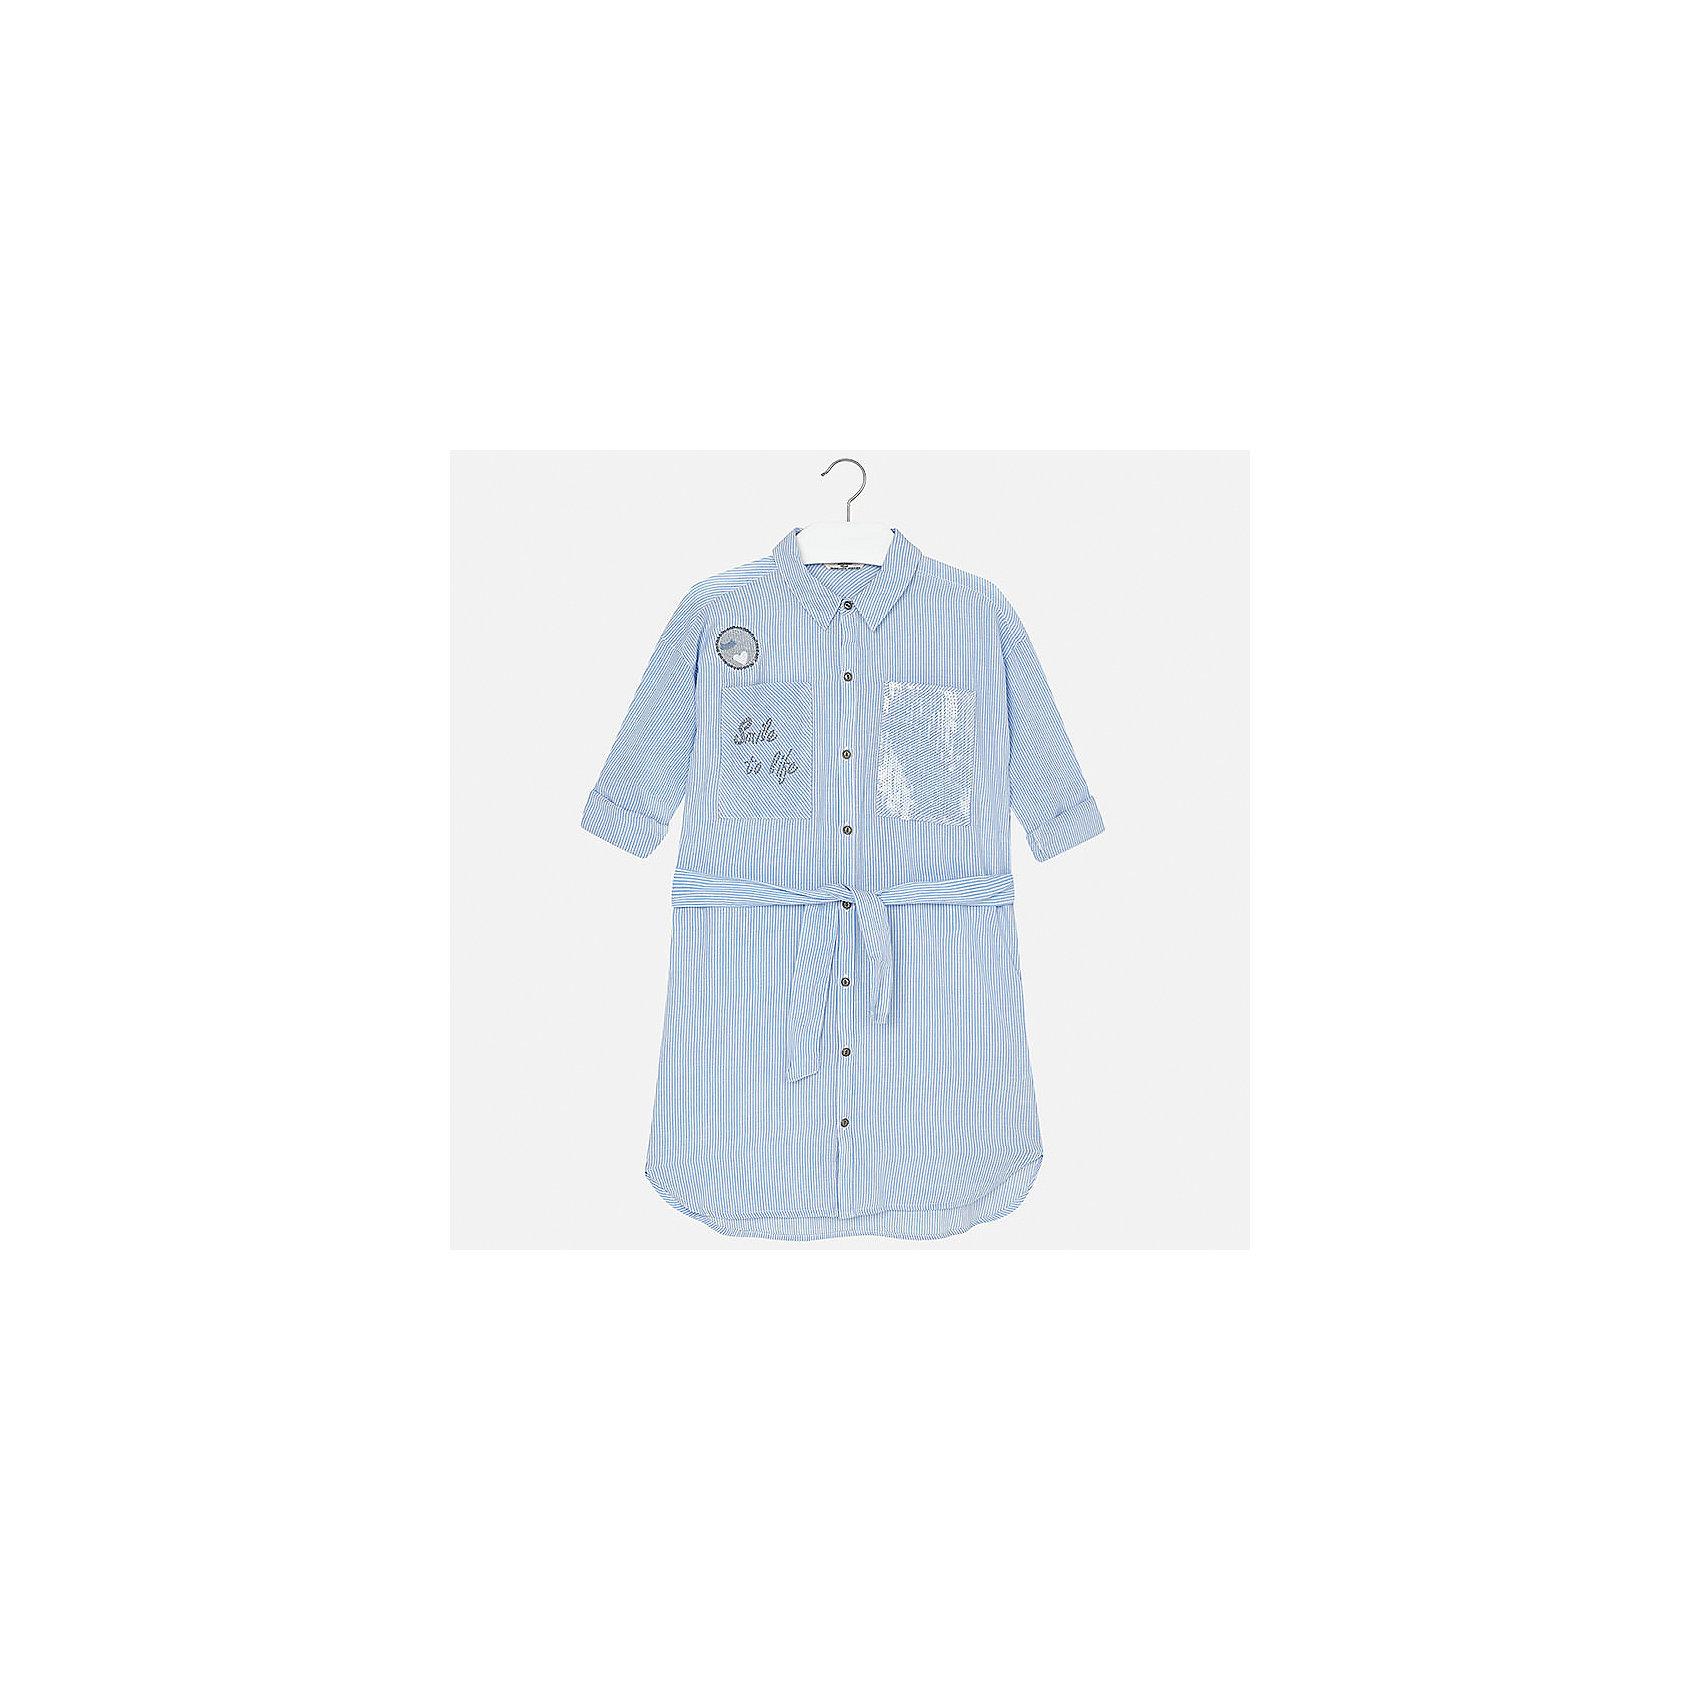 Платье для девочки MayoralПолоска<br>Характеристики товара:<br><br>• цвет: голубой<br>• состав: 100% вискоза<br>• застежка: пуговицы<br>• карманы<br>• пояс<br>• отложной воротник<br>• страна бренда: Испания<br><br>Стильное платье для девочки поможет разнообразить гардероб ребенка и создать эффектный наряд. Оно подойдет для различных случаев. Универсальный цвет позволяет подобрать к вещи обувь разных расцветок. Платье хорошо сидит по фигуре.<br><br>Одежда, обувь и аксессуары от испанского бренда Mayoral полюбились детям и взрослым по всему миру. Модели этой марки - стильные и удобные. Для их производства используются только безопасные, качественные материалы и фурнитура. Порадуйте ребенка модными и красивыми вещами от Mayoral! <br><br>Платье для девочки от испанского бренда Mayoral (Майорал) можно купить в нашем интернет-магазине.<br><br>Ширина мм: 236<br>Глубина мм: 16<br>Высота мм: 184<br>Вес г: 177<br>Цвет: голубой<br>Возраст от месяцев: 84<br>Возраст до месяцев: 96<br>Пол: Женский<br>Возраст: Детский<br>Размер: 128/134,164,170,140,152,158<br>SKU: 5293290